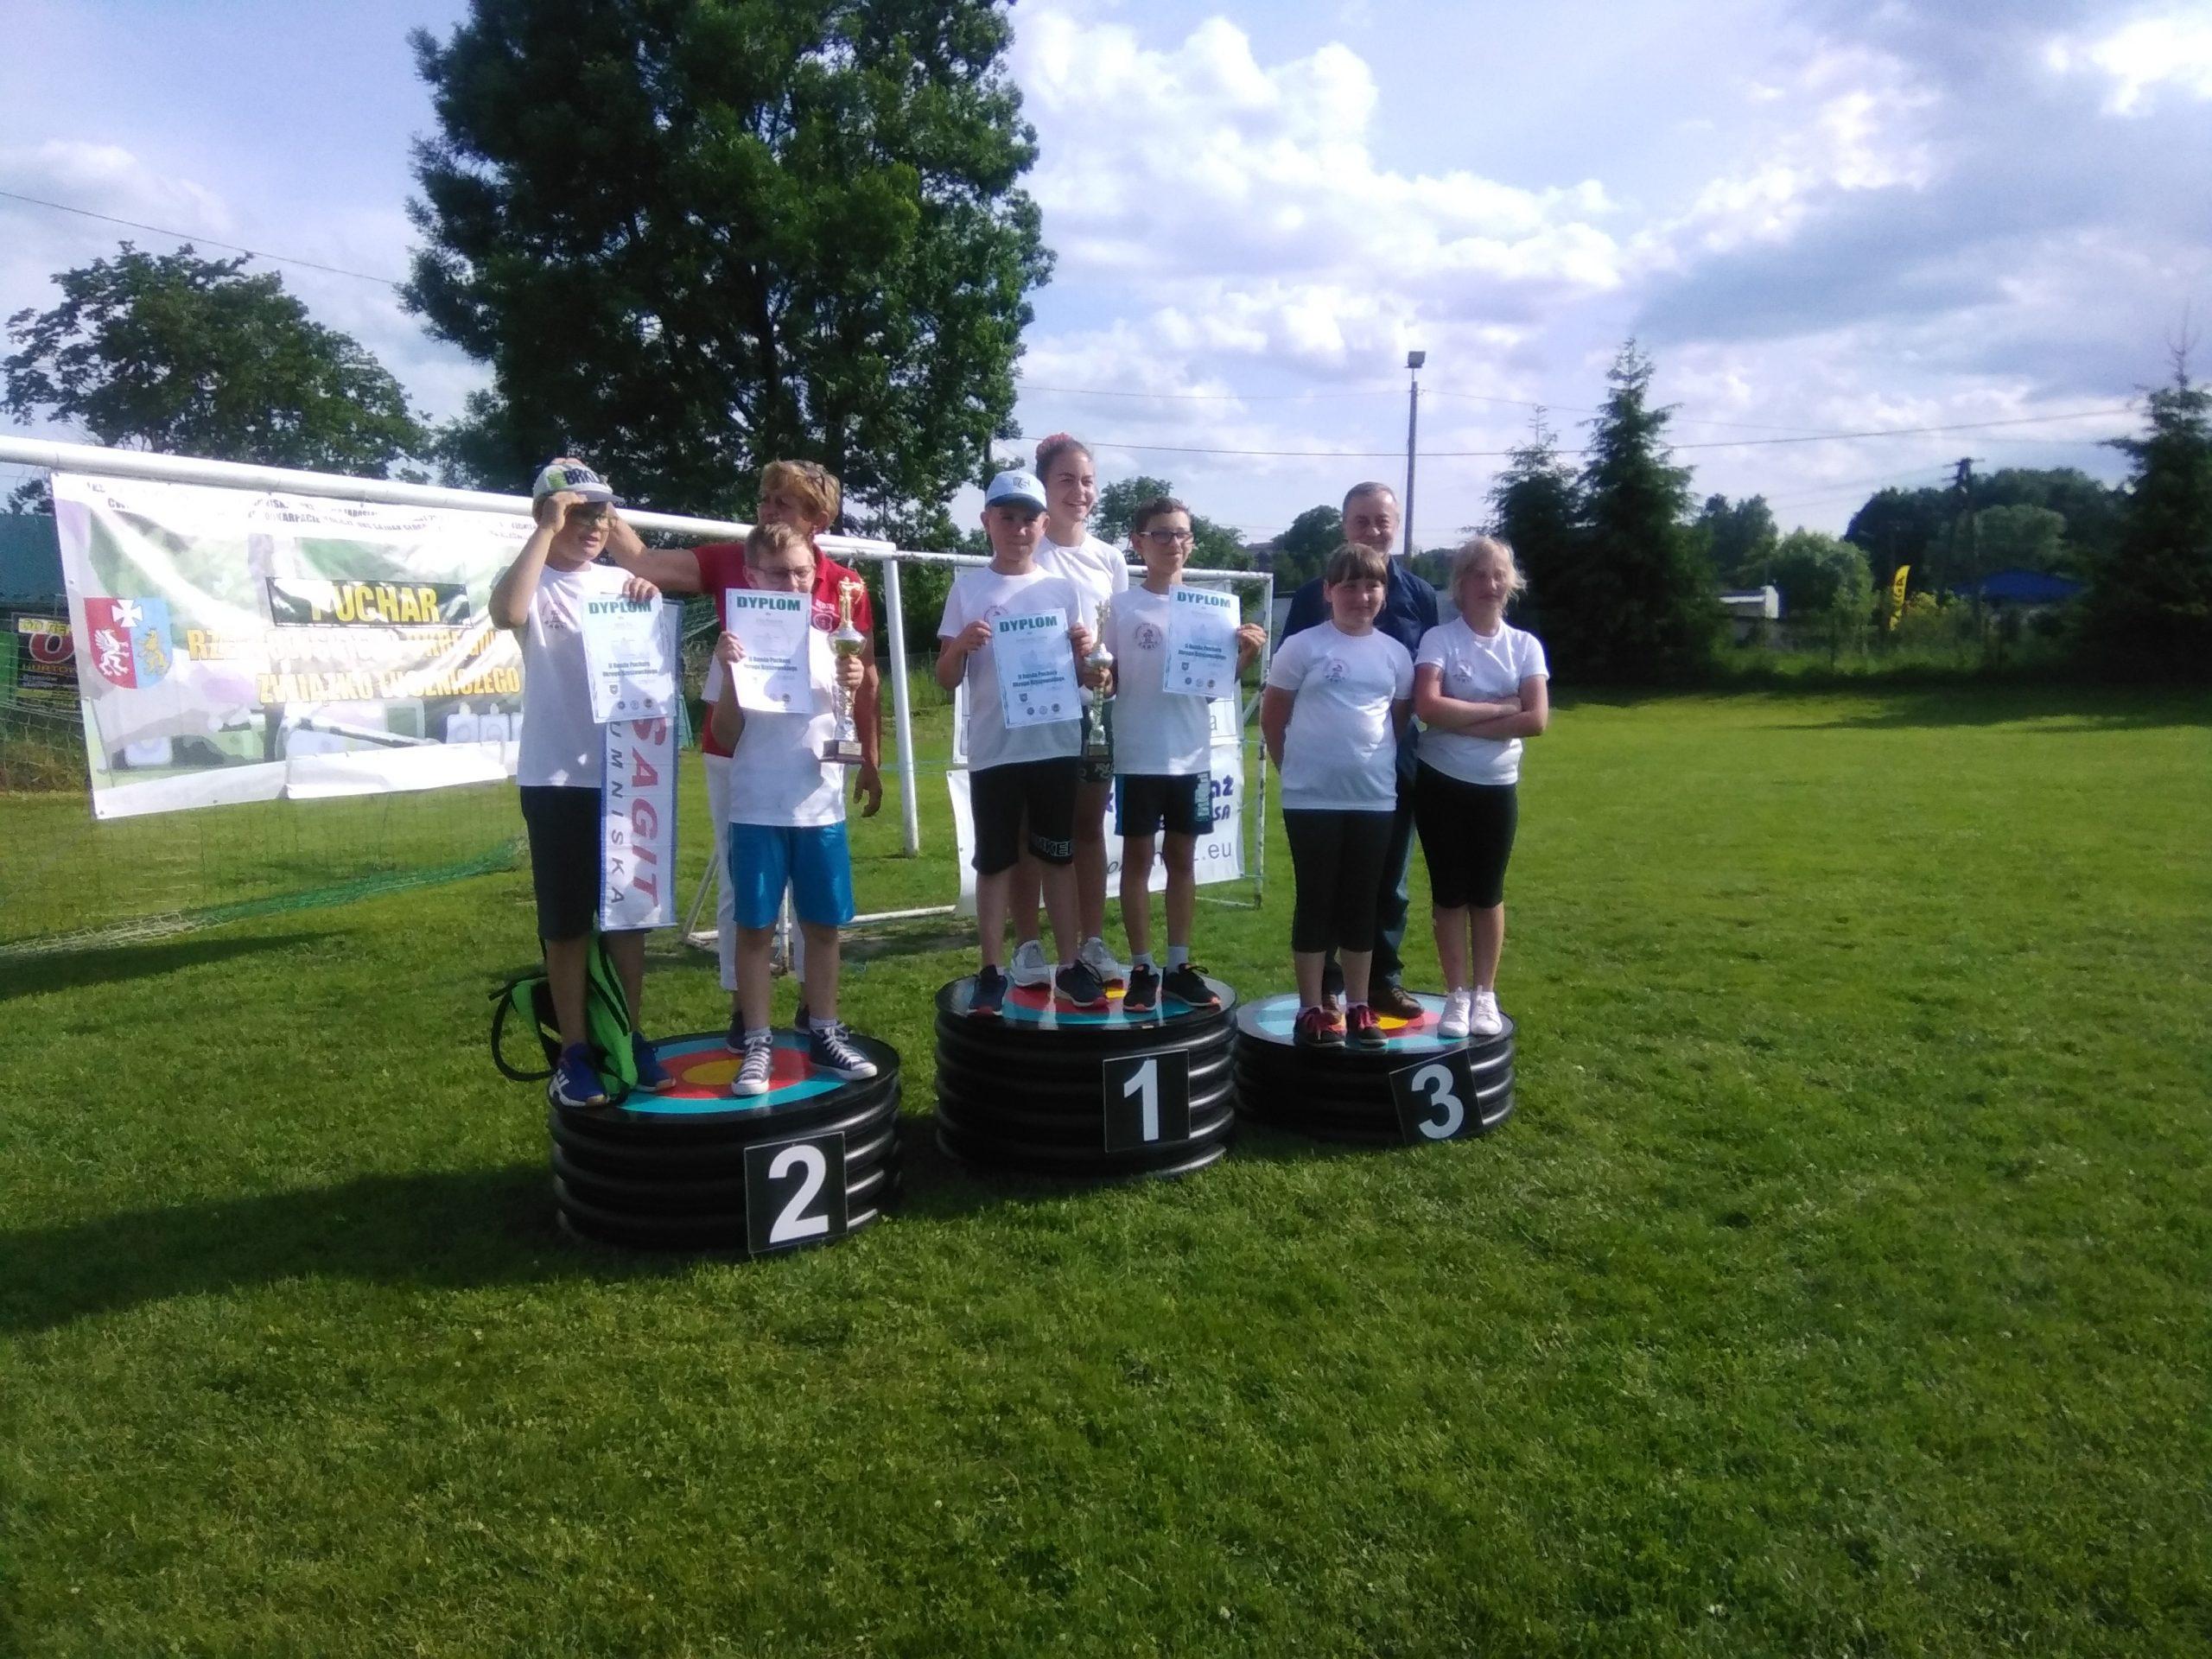 Grupa dzieci ubrana na sportowo stoi na podium z medalami na zewnątrz.